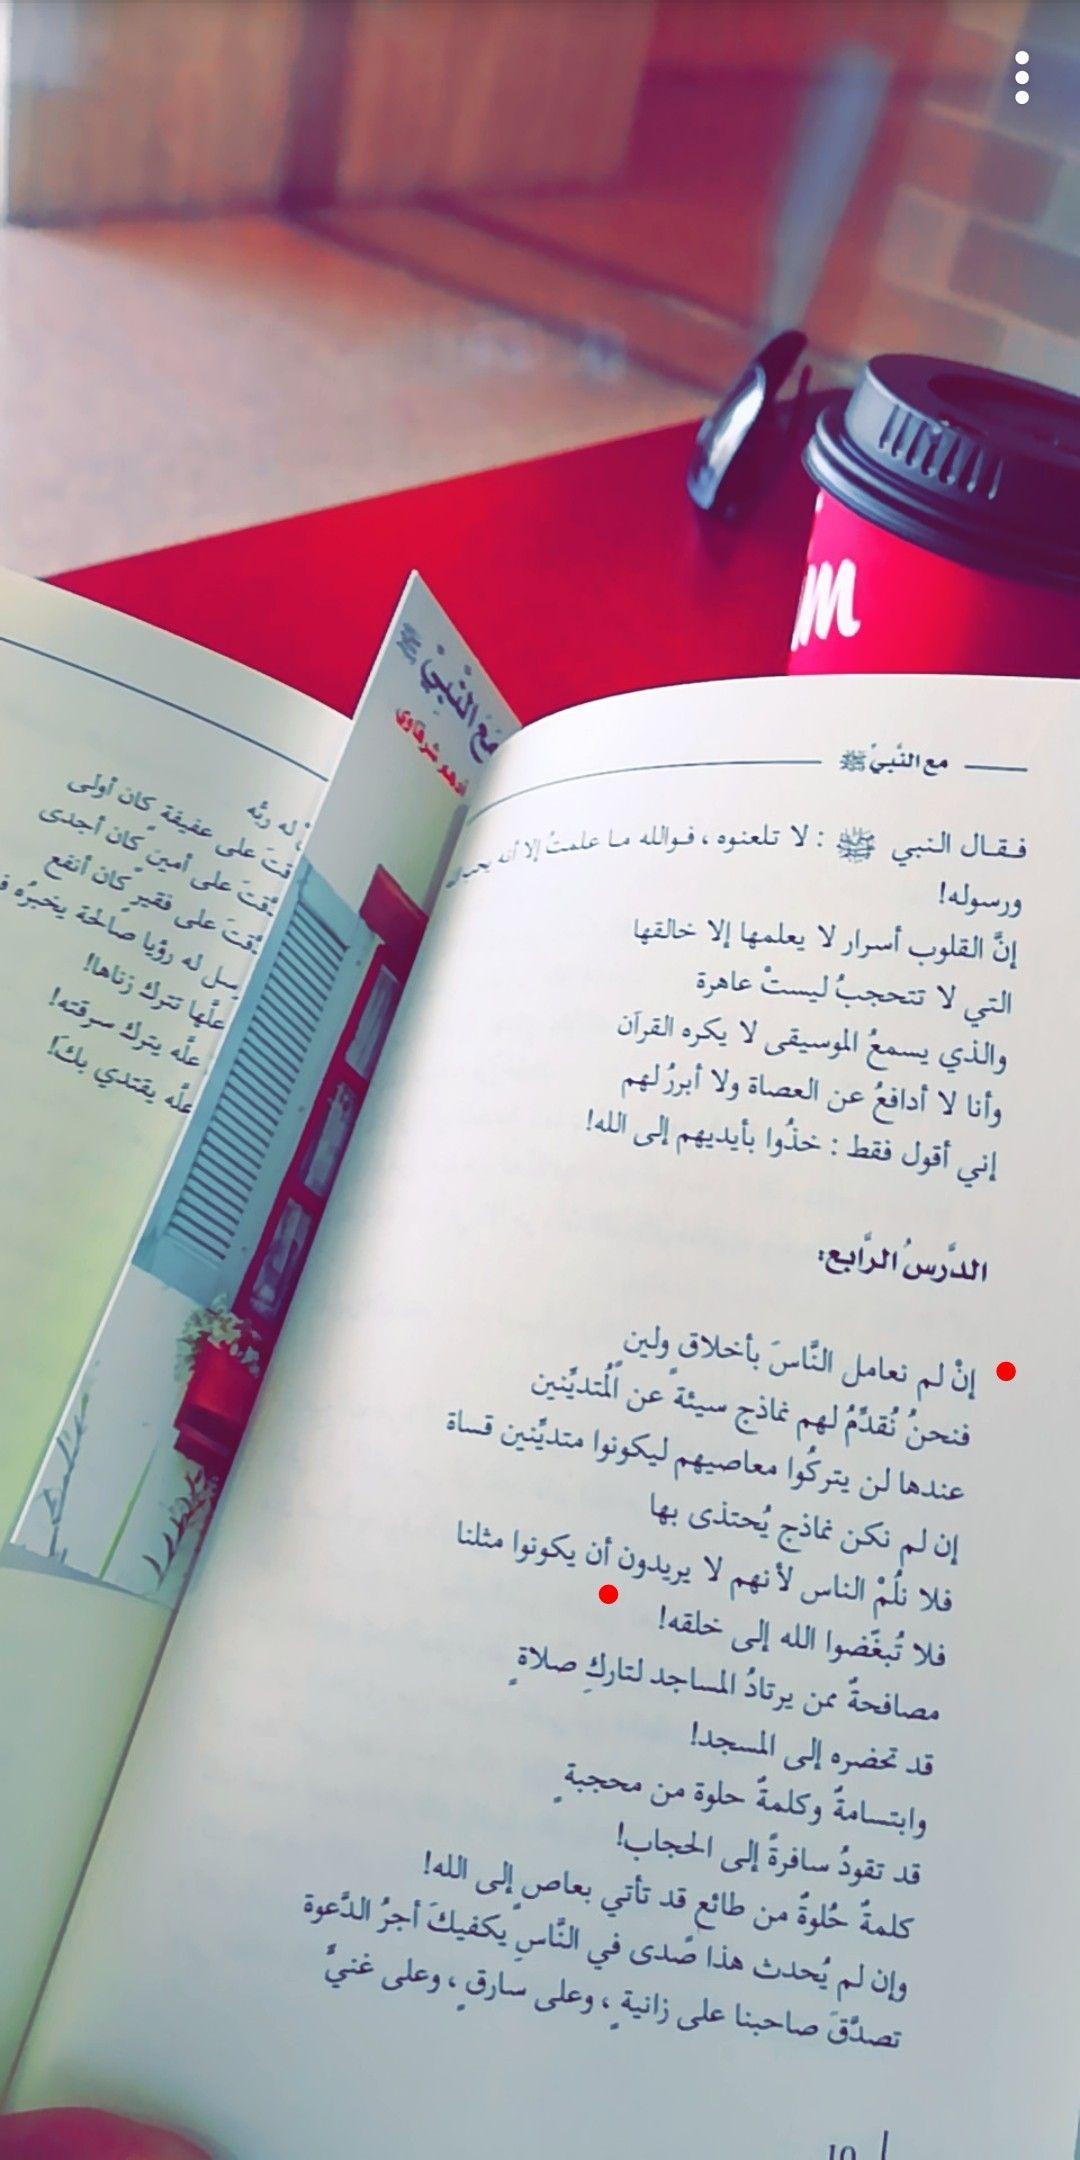 مع النبي صلى الله عليه وسلم أدهم شرقاوي Quotations Words Quotes Arabic Love Quotes